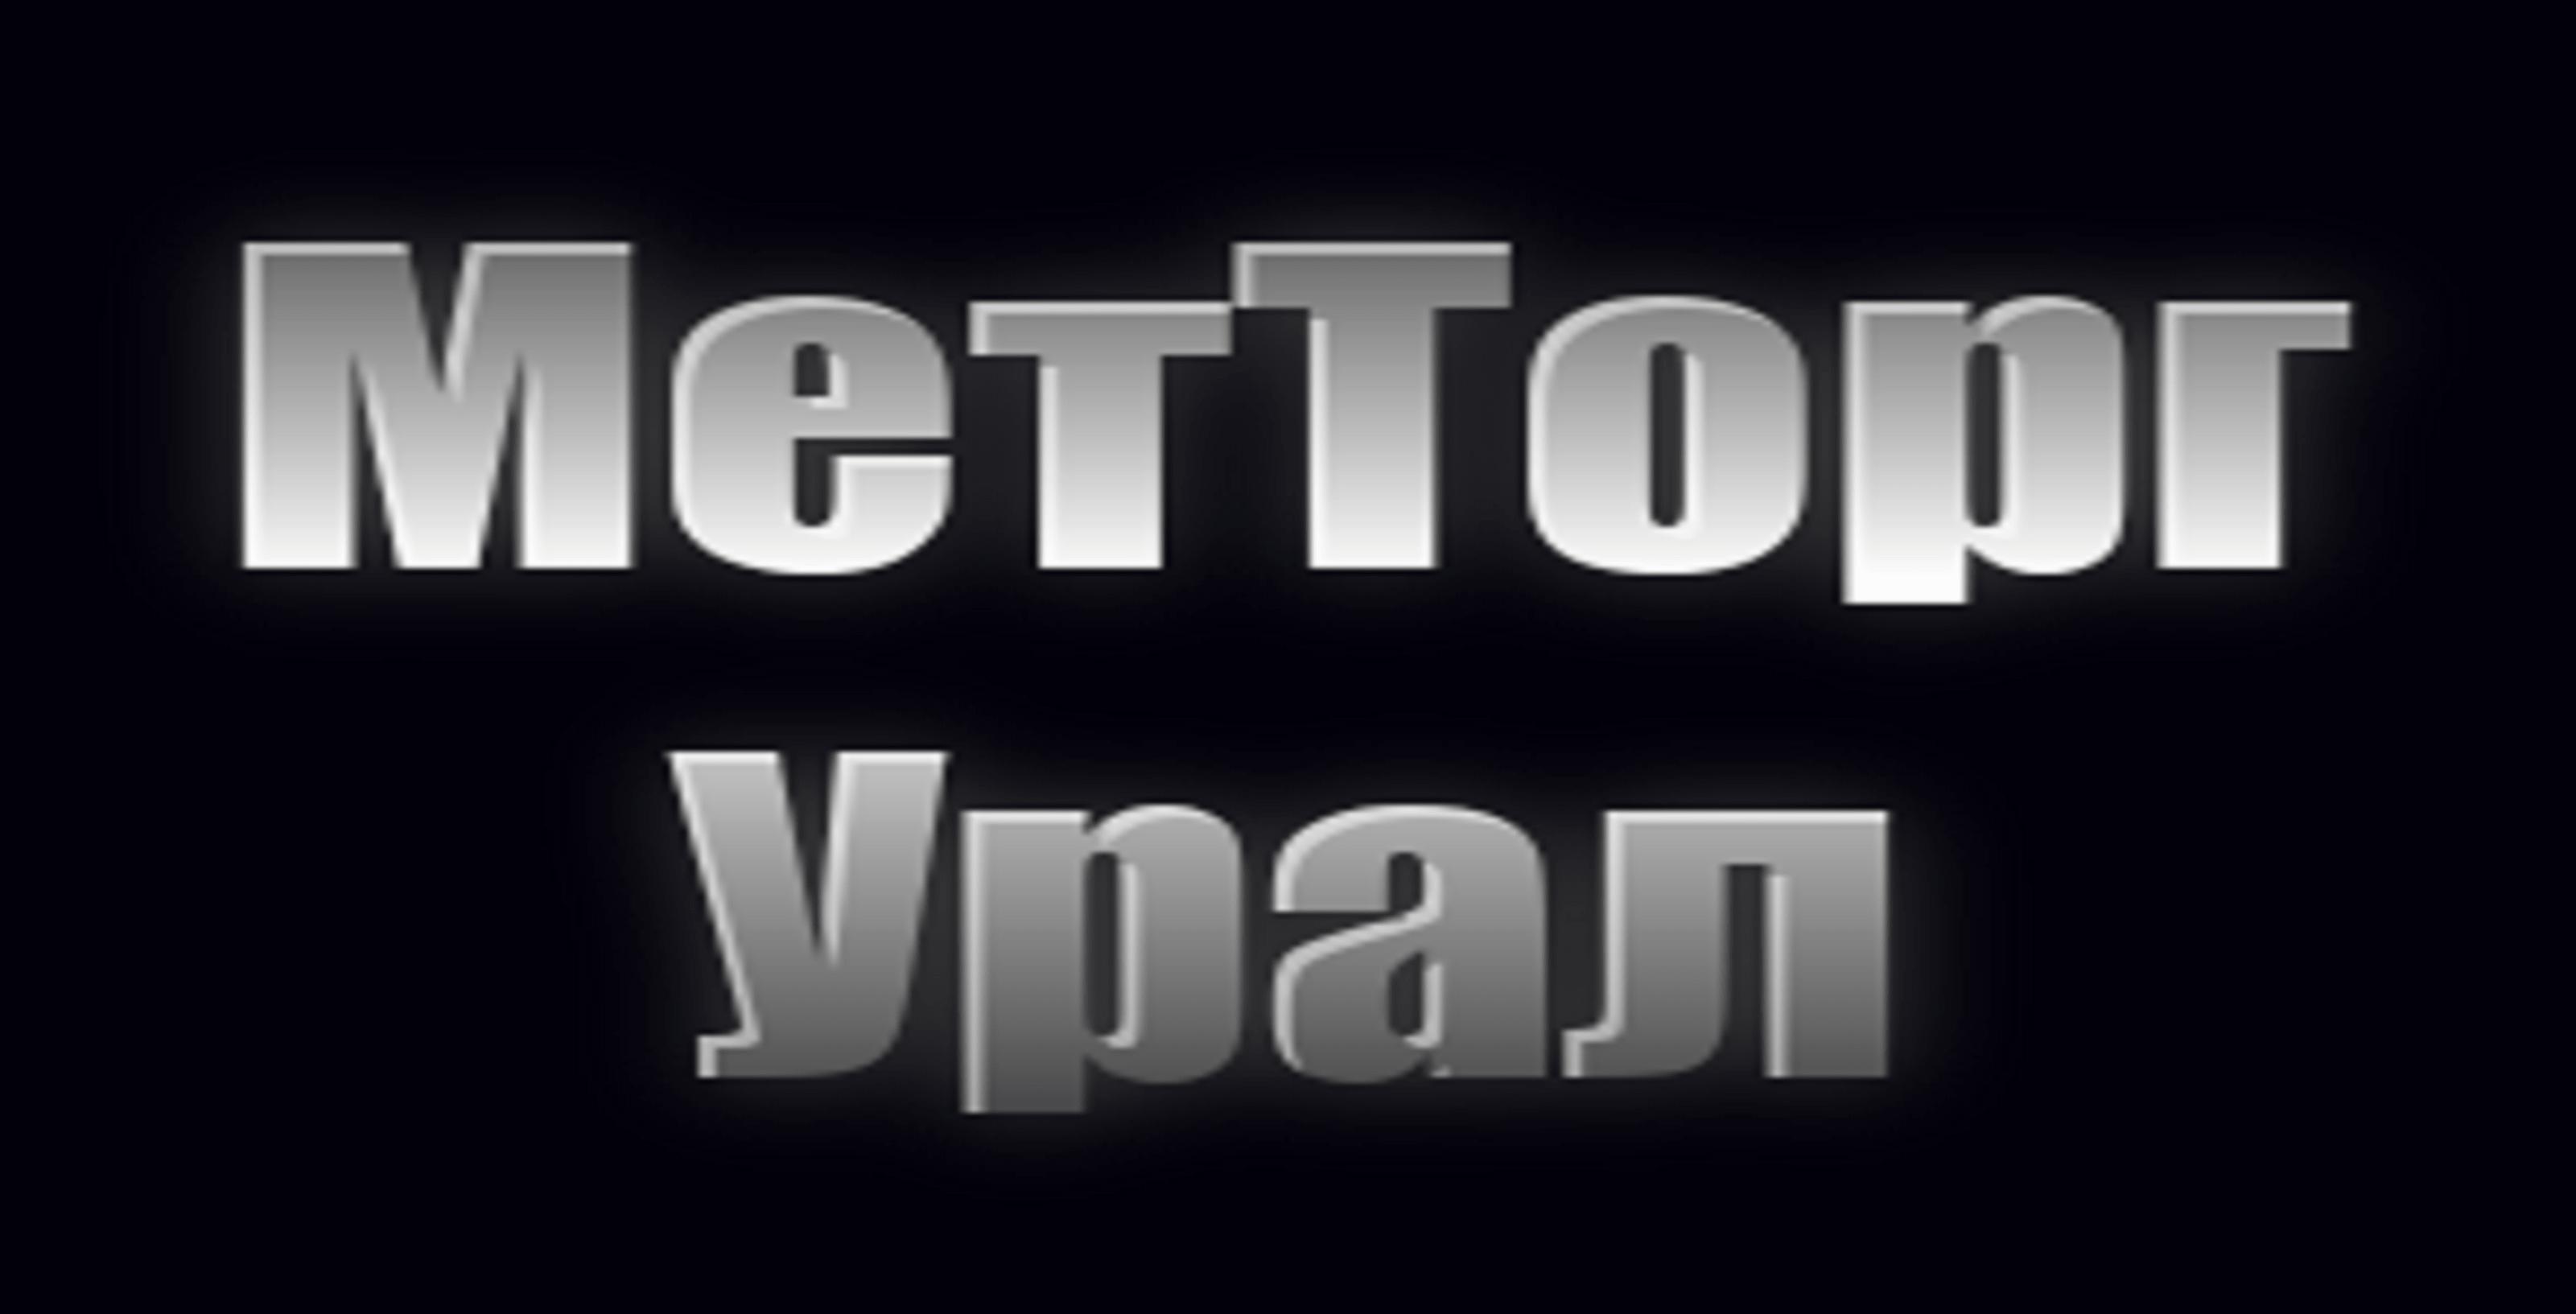 МетТоргУрал